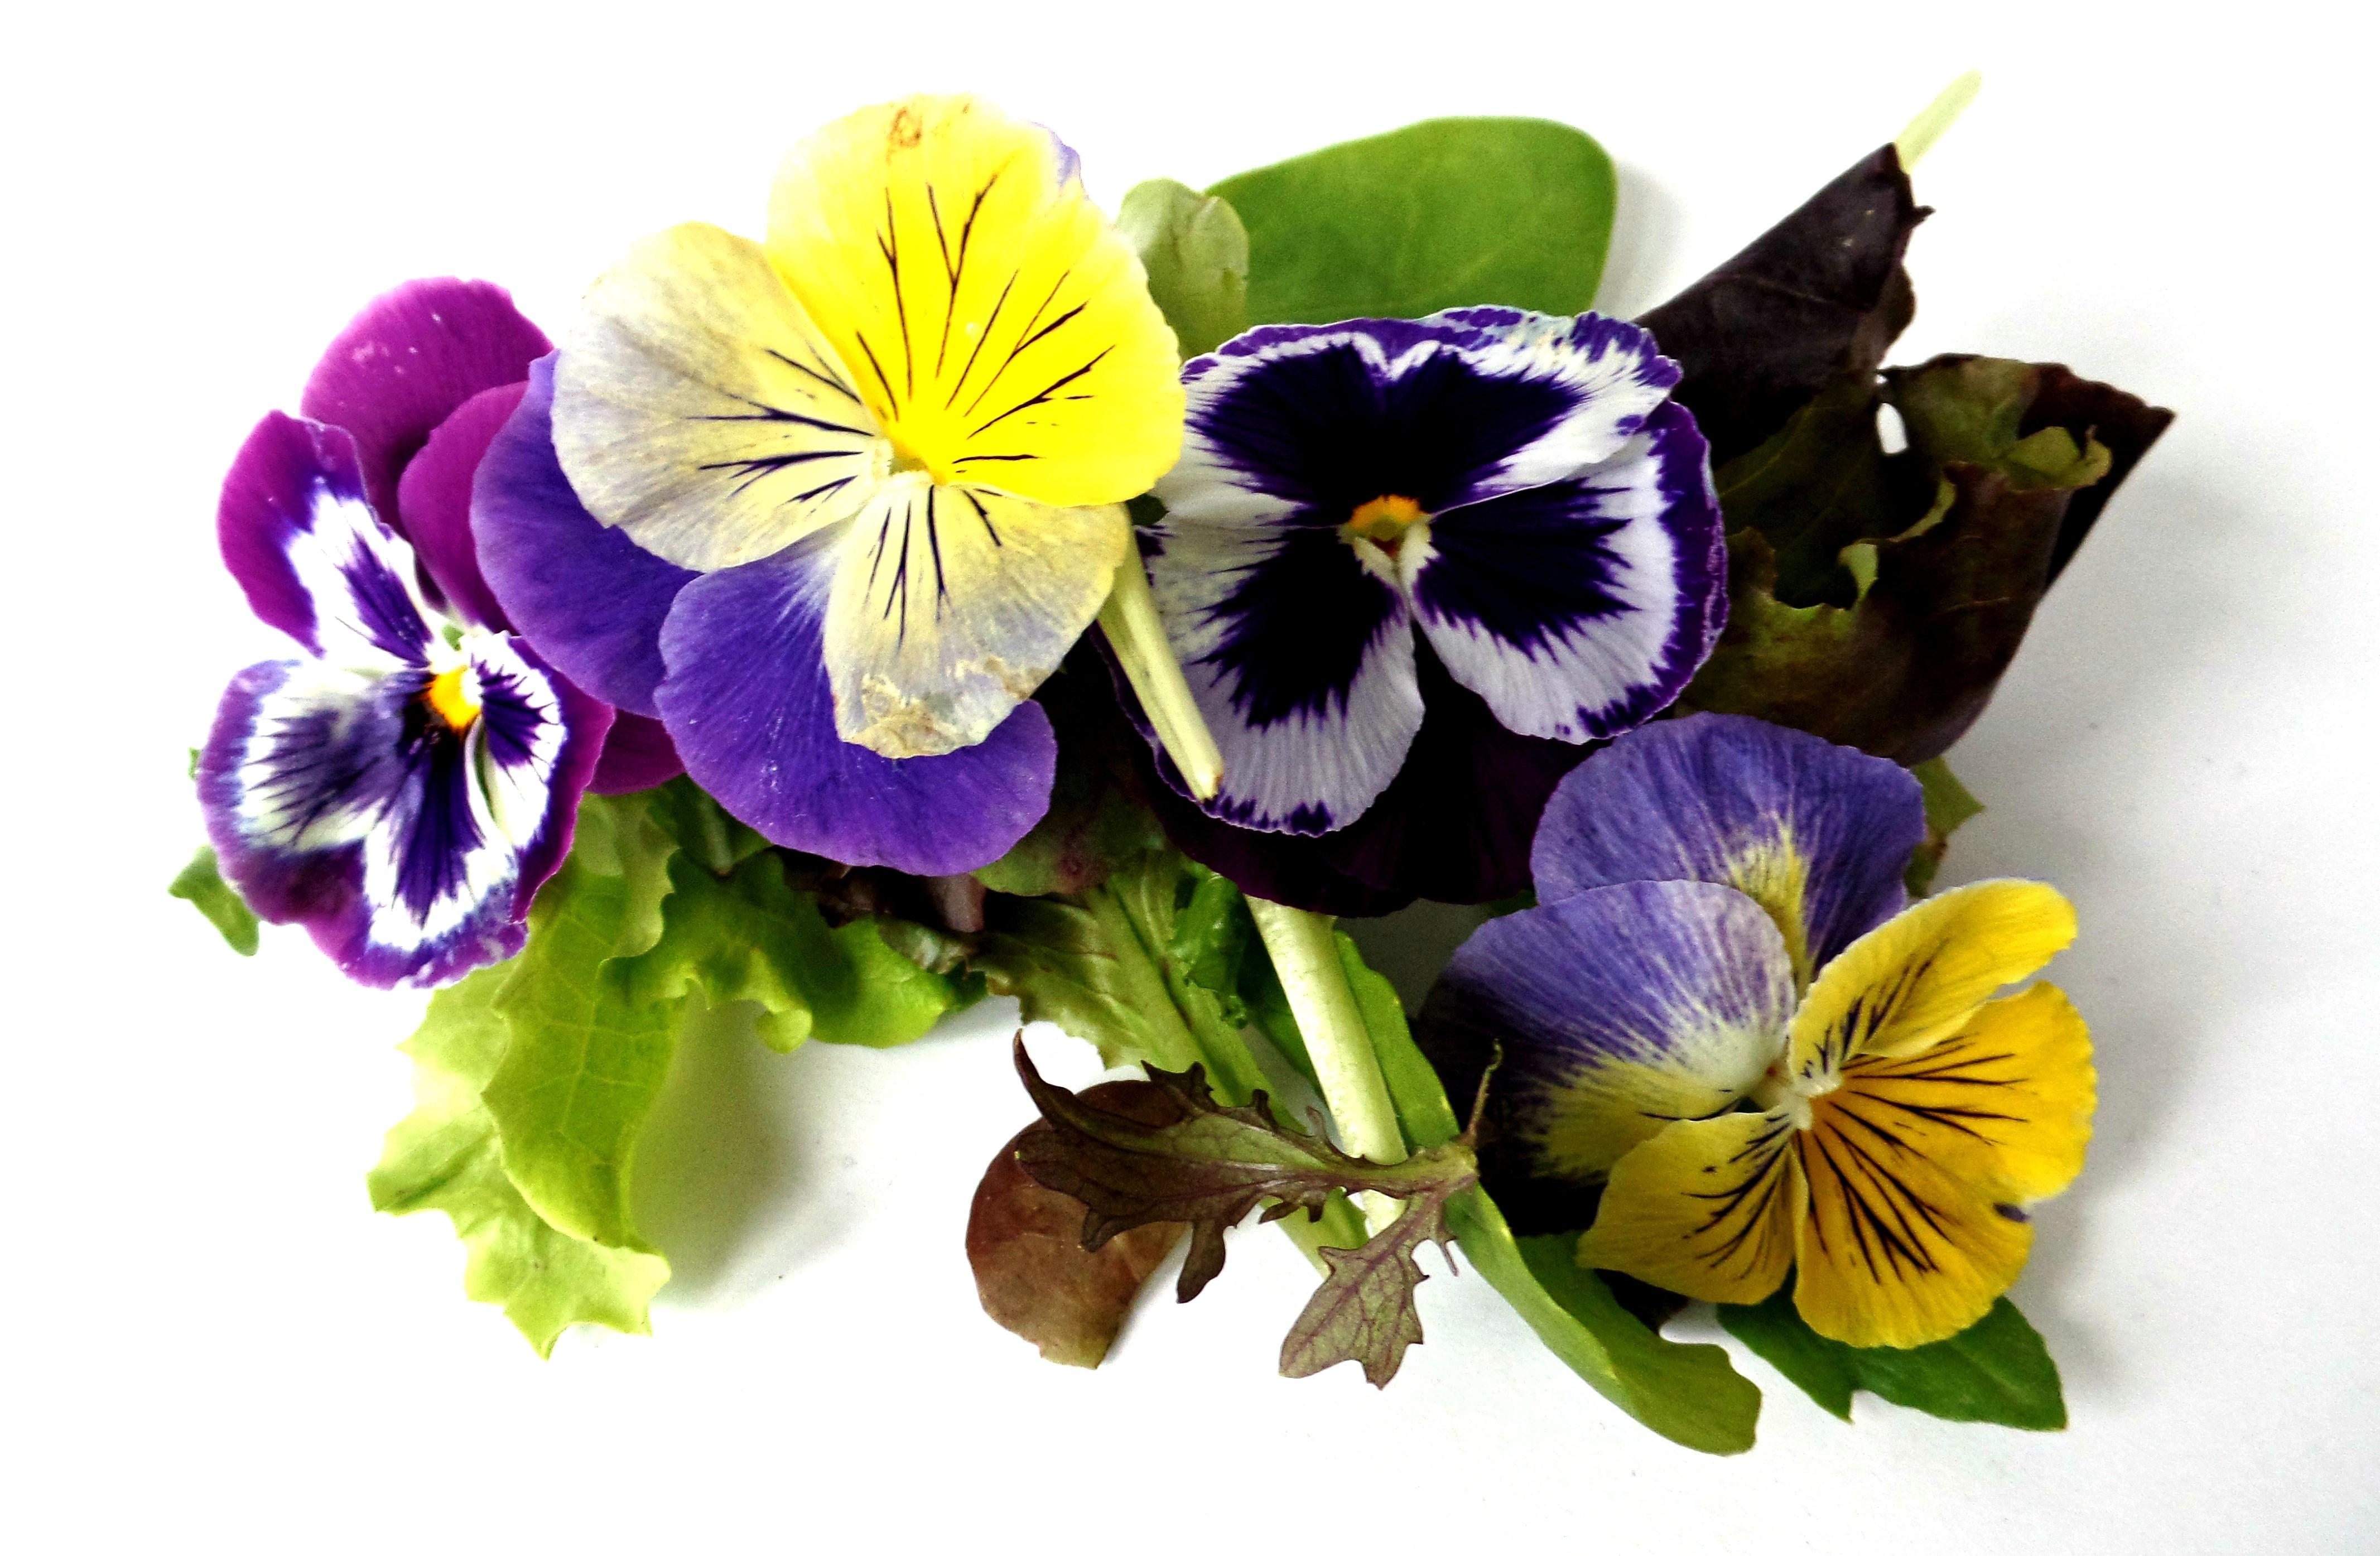 Free Images Meadow Purple Petal Bloom Summer Macro Botany